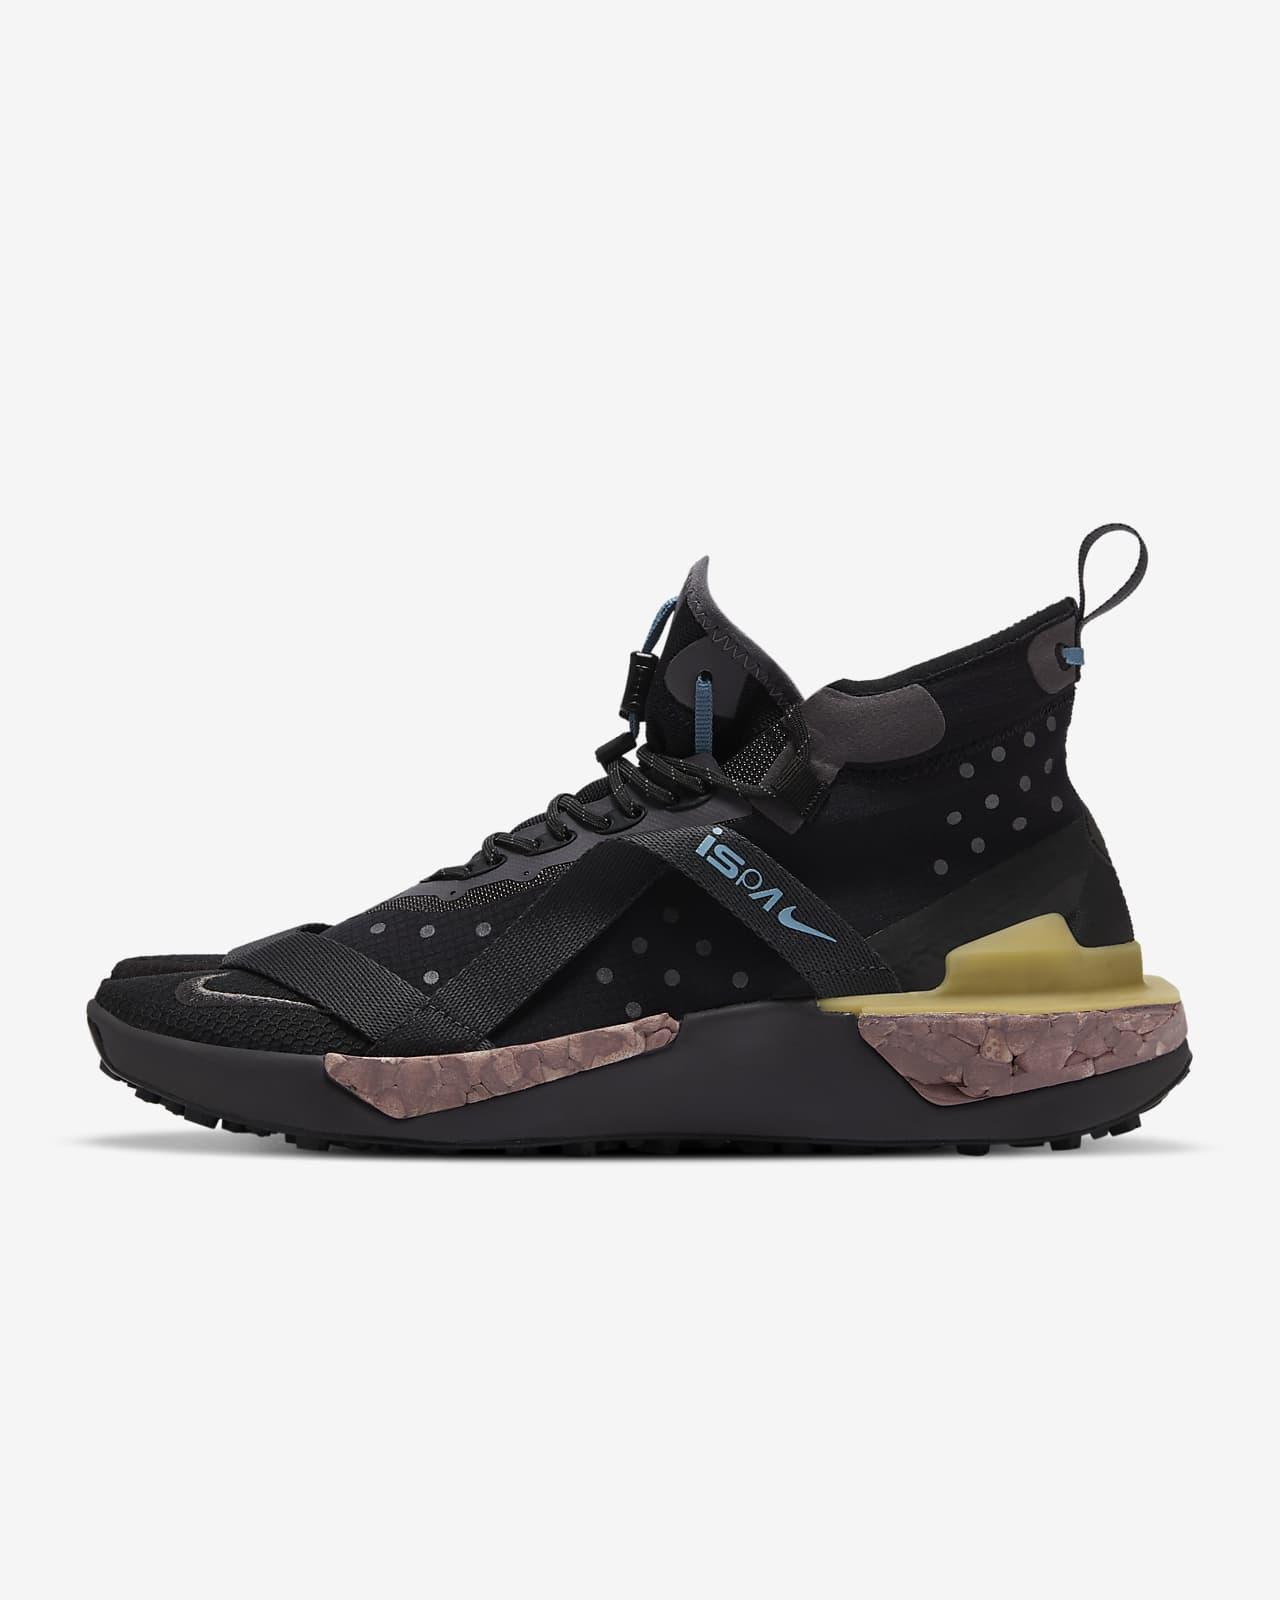 Nike ISPA Drifter Split Schuh